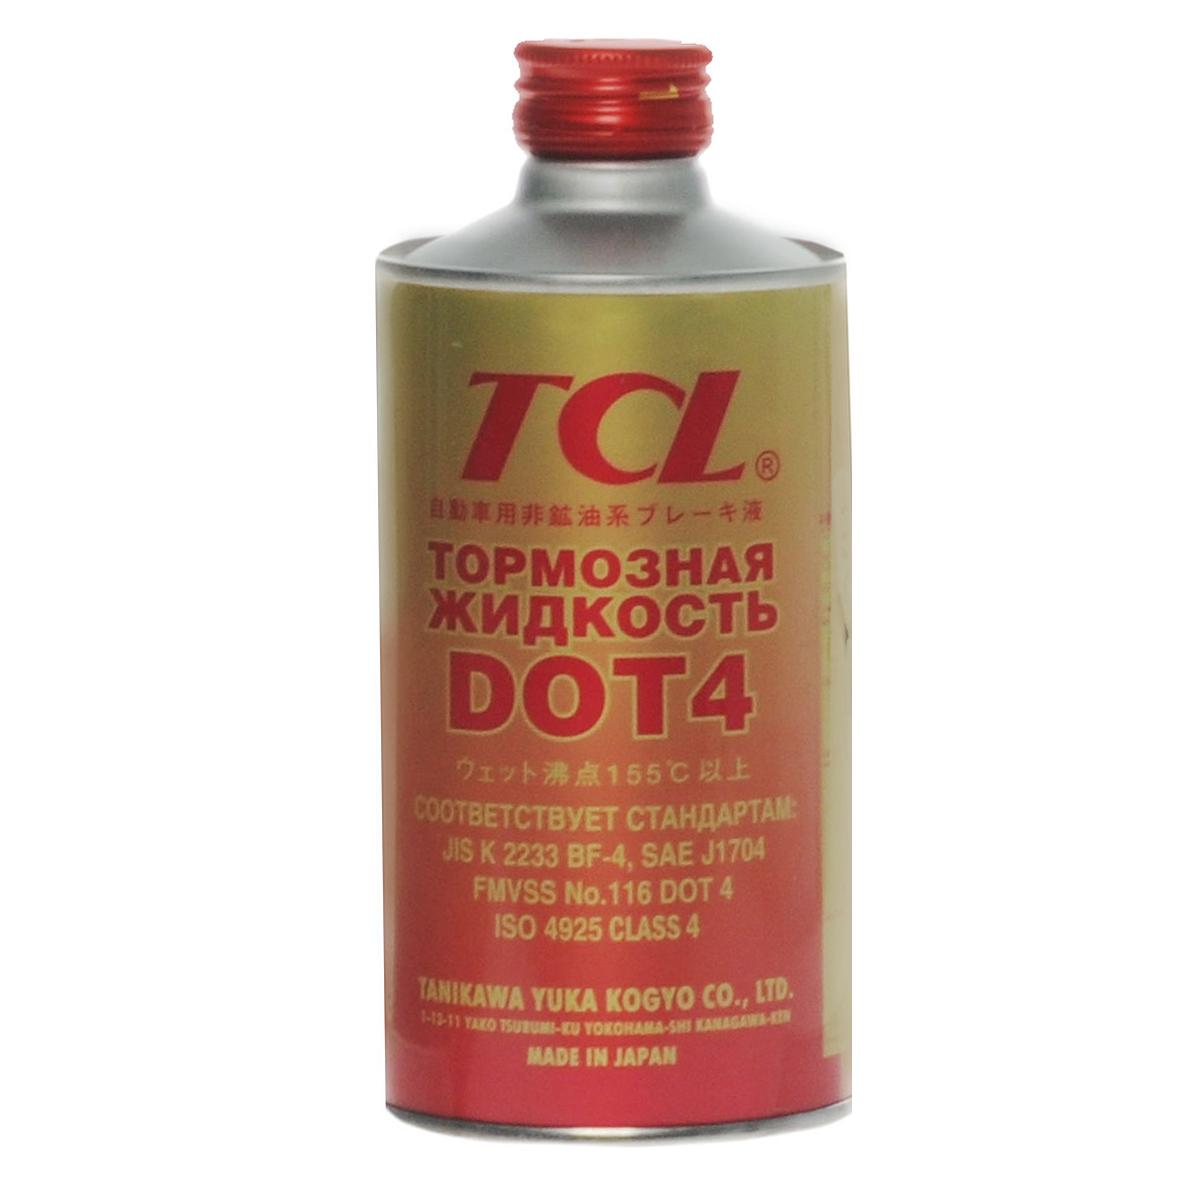 Жидкость тормозная TCL